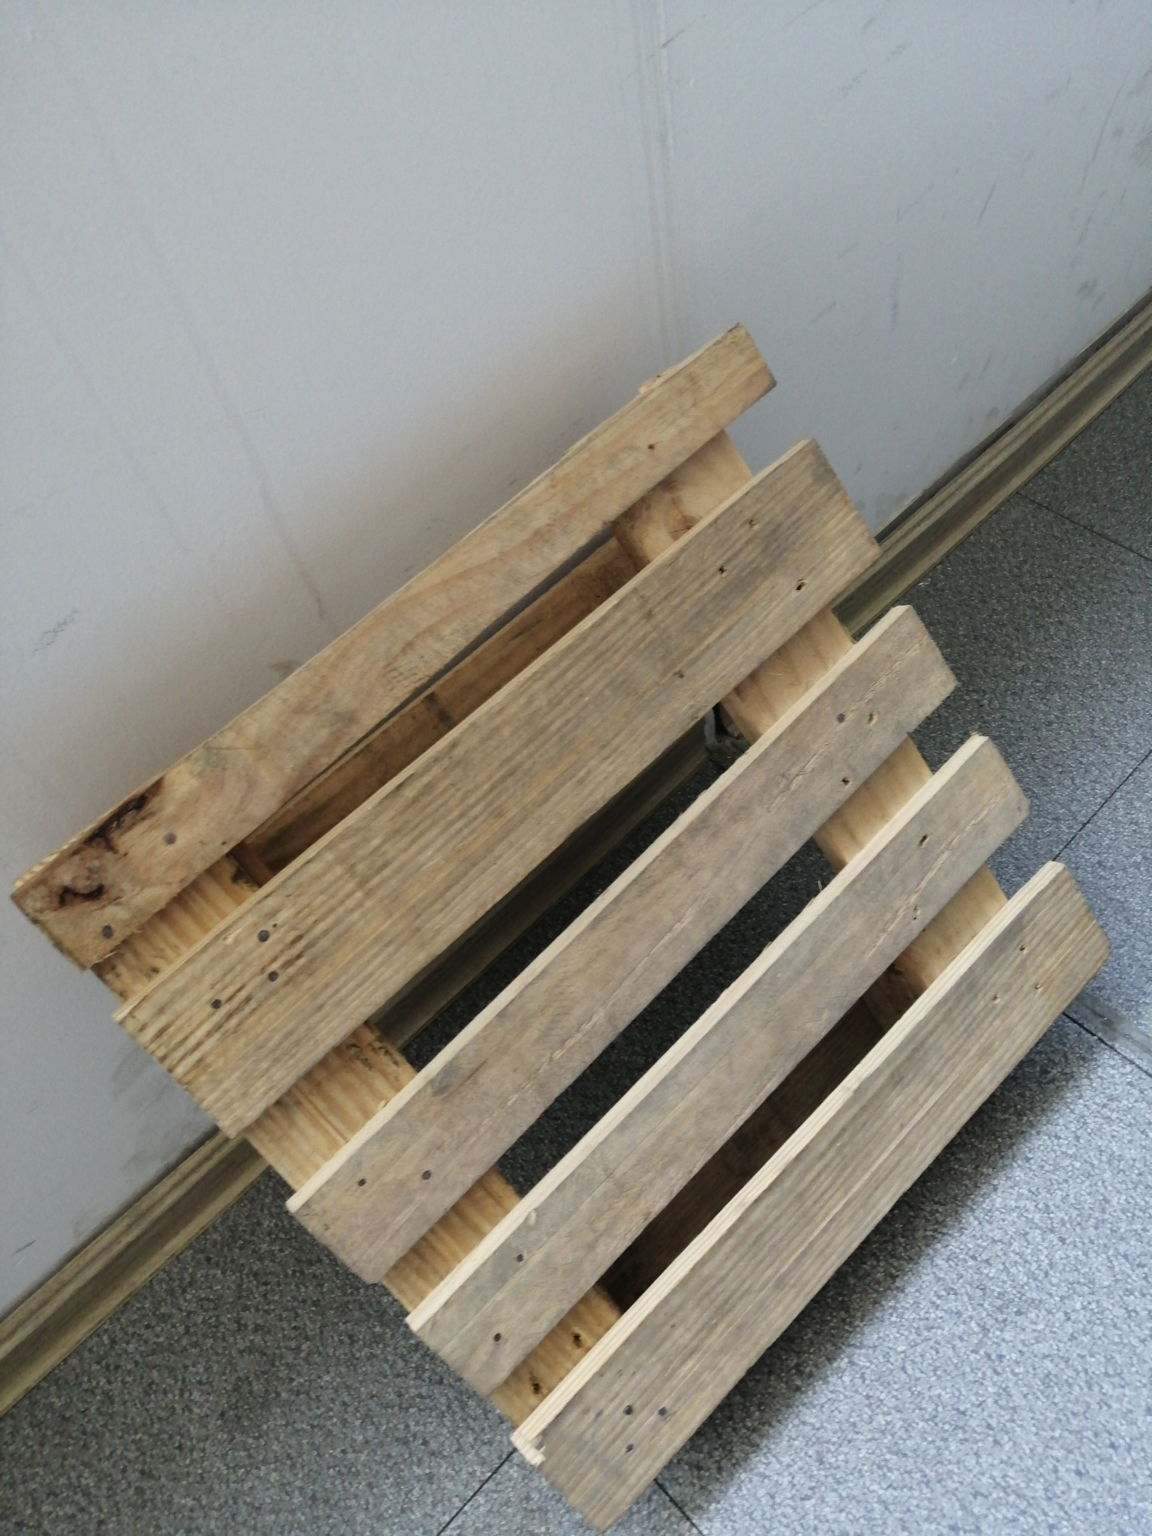 免熏蒸木架-免熏蒸木架批发、促销价�,╠Ⓩ✽☾、产地货源